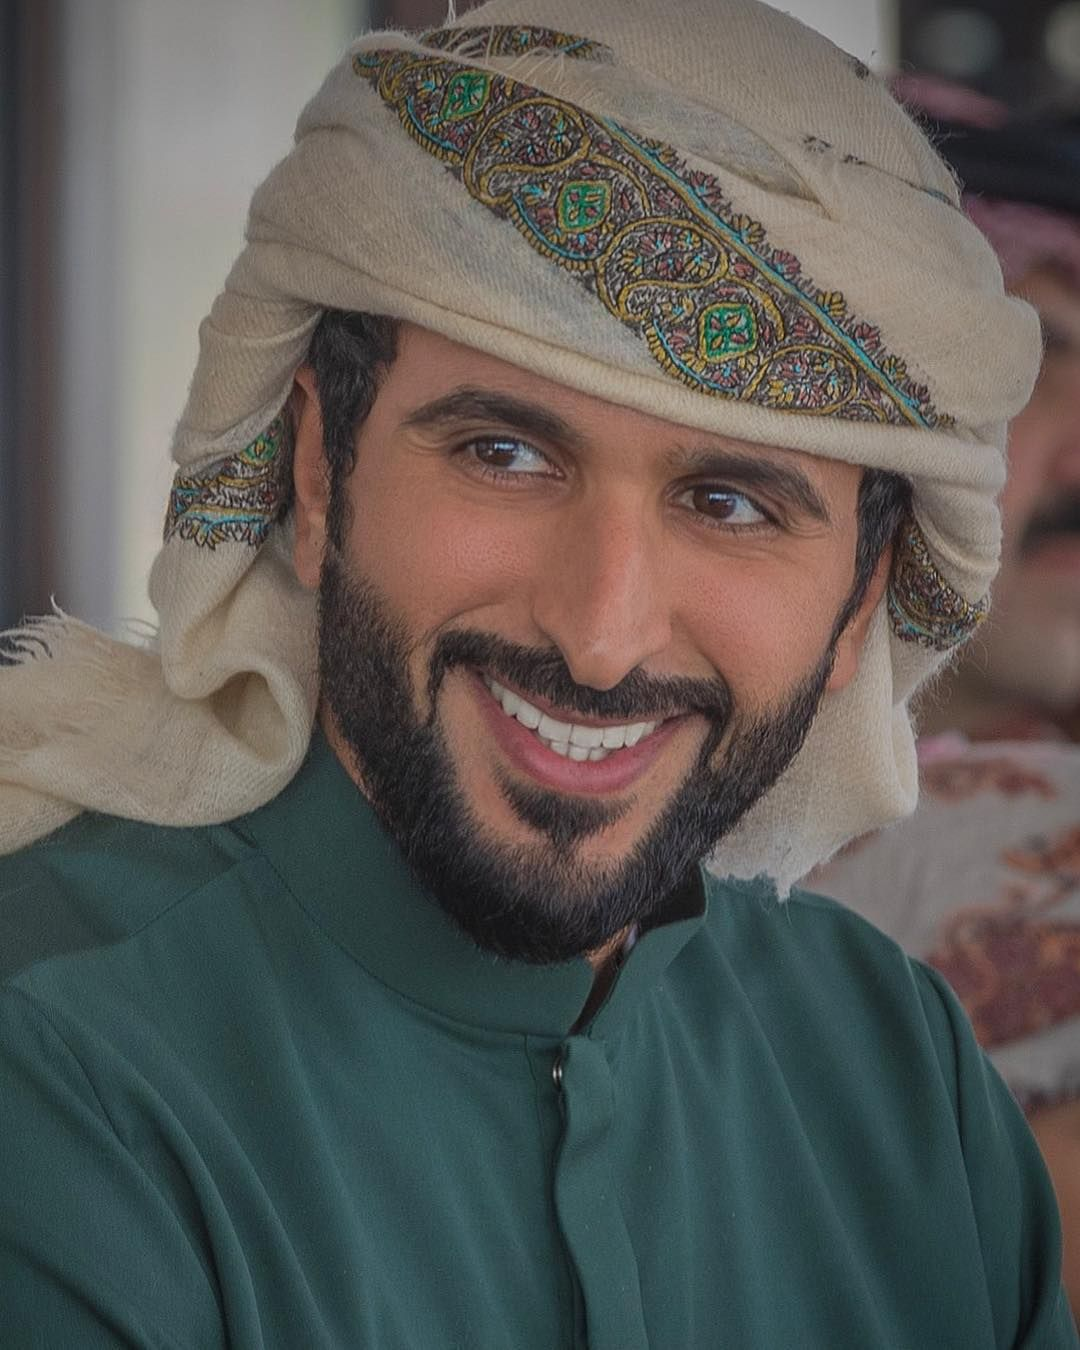 принц эмиратов фото отметить, что капилляры